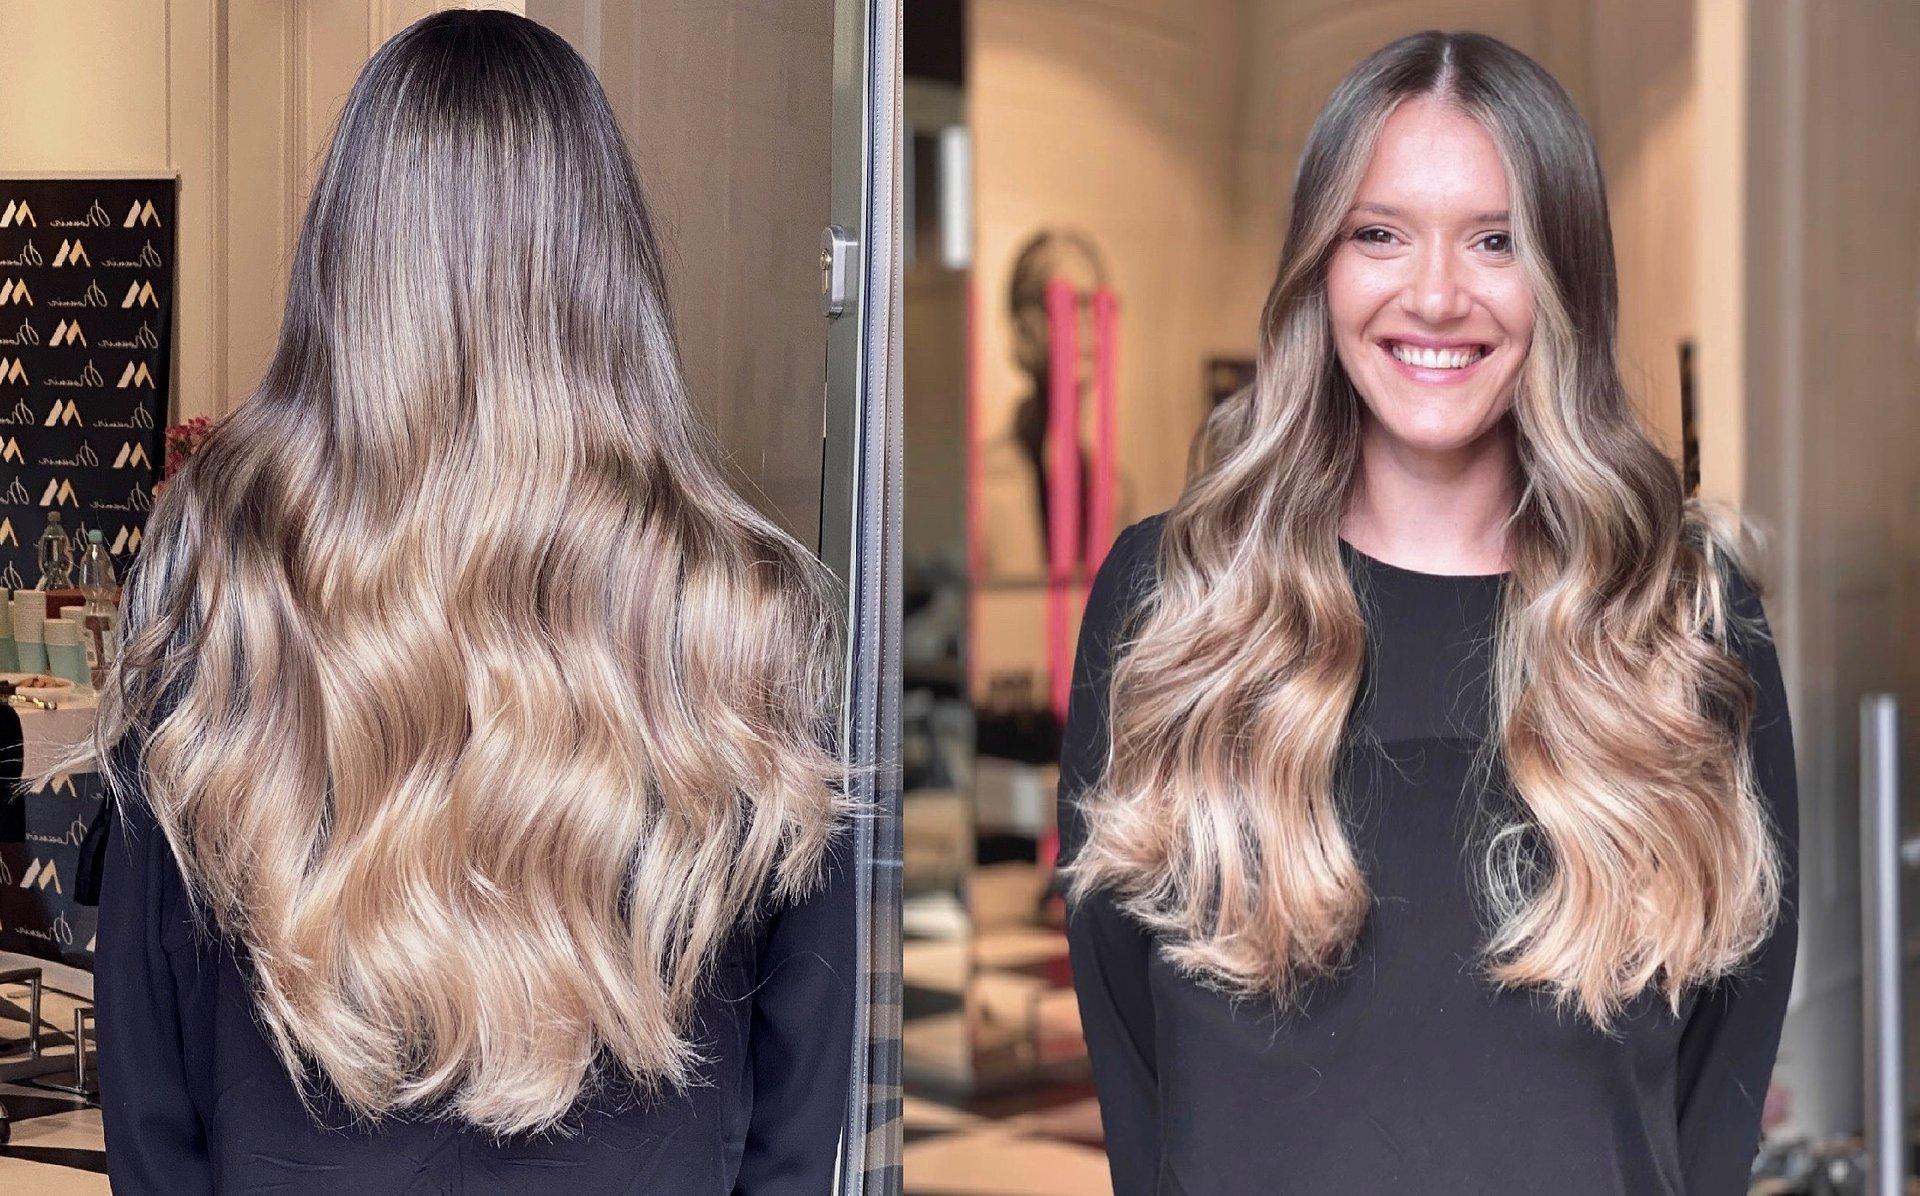 Innowacyjna koloryzacja włosów, opracowana przez międzynarodowego fryzjerskiego guru, już w Polsce!